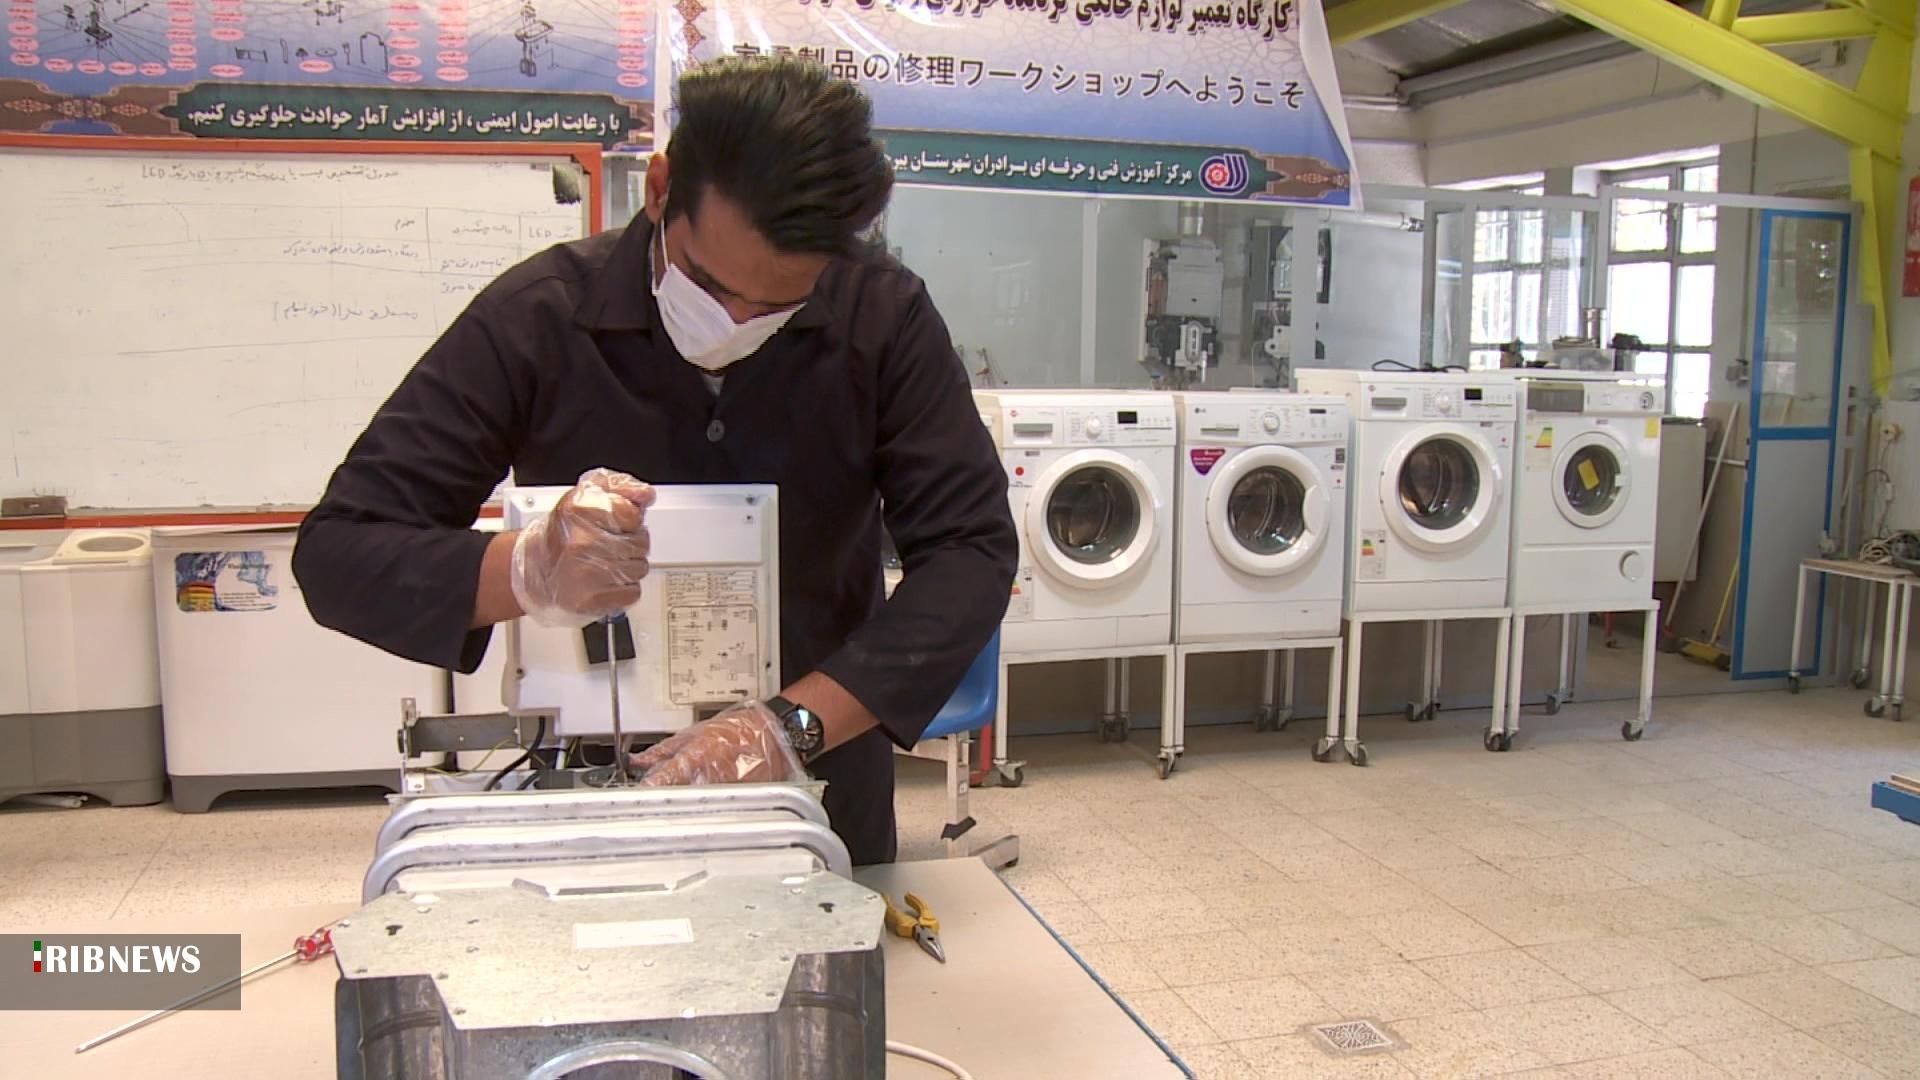 انعقاد قرارداد مهارت آموزی برای روستاییان